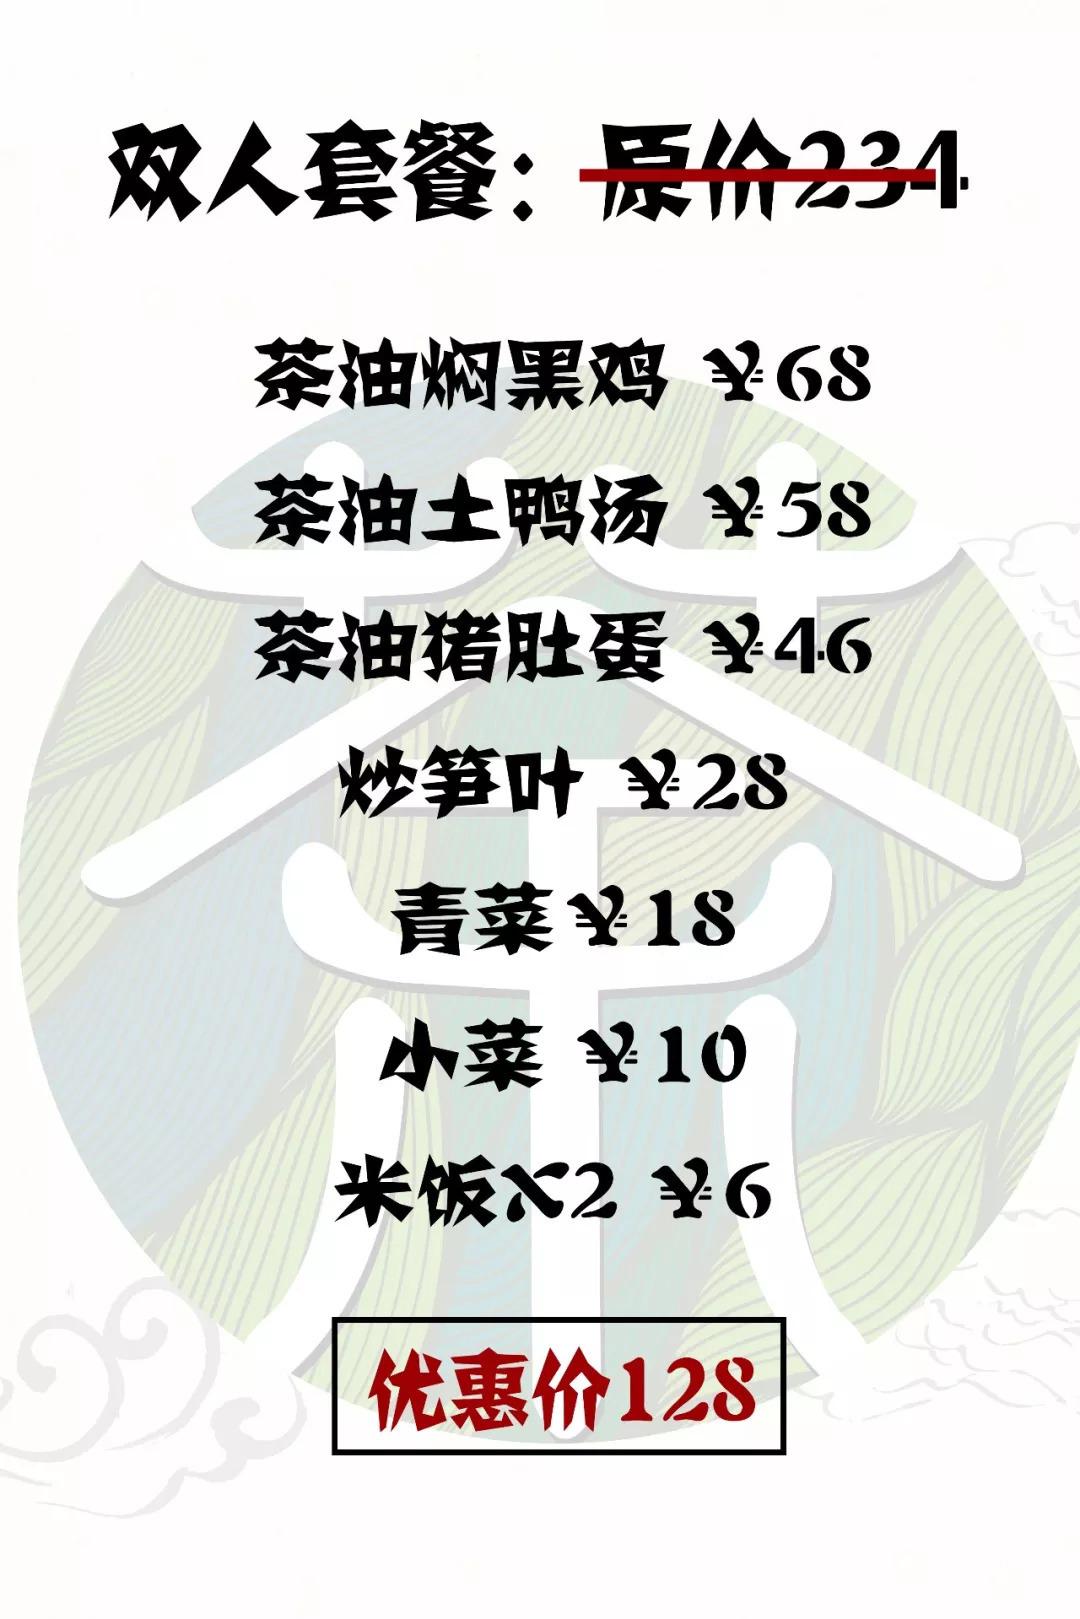 新莆京投注网站 59